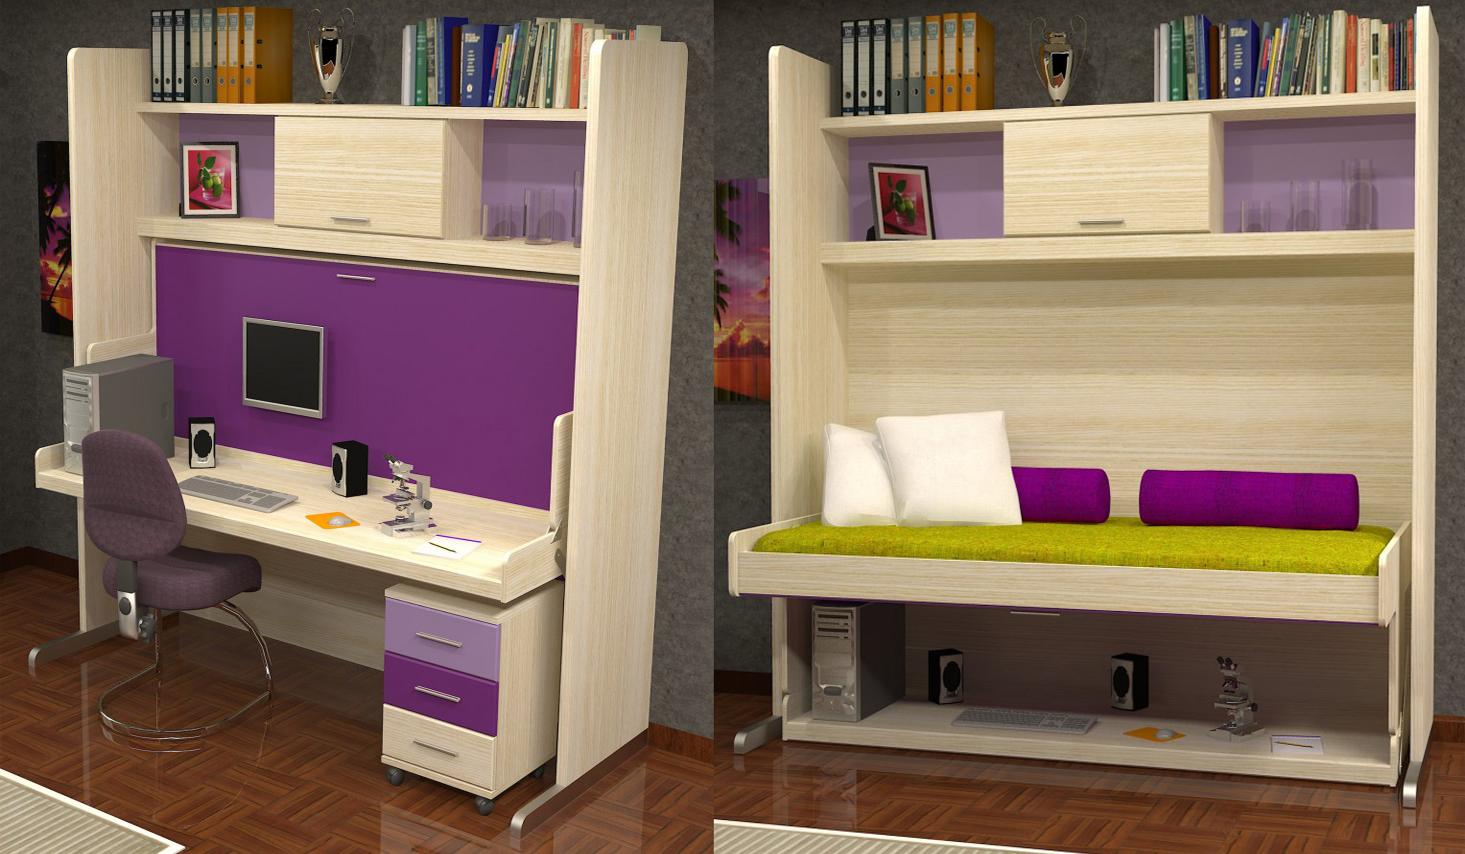 стол кровать фото дизайн